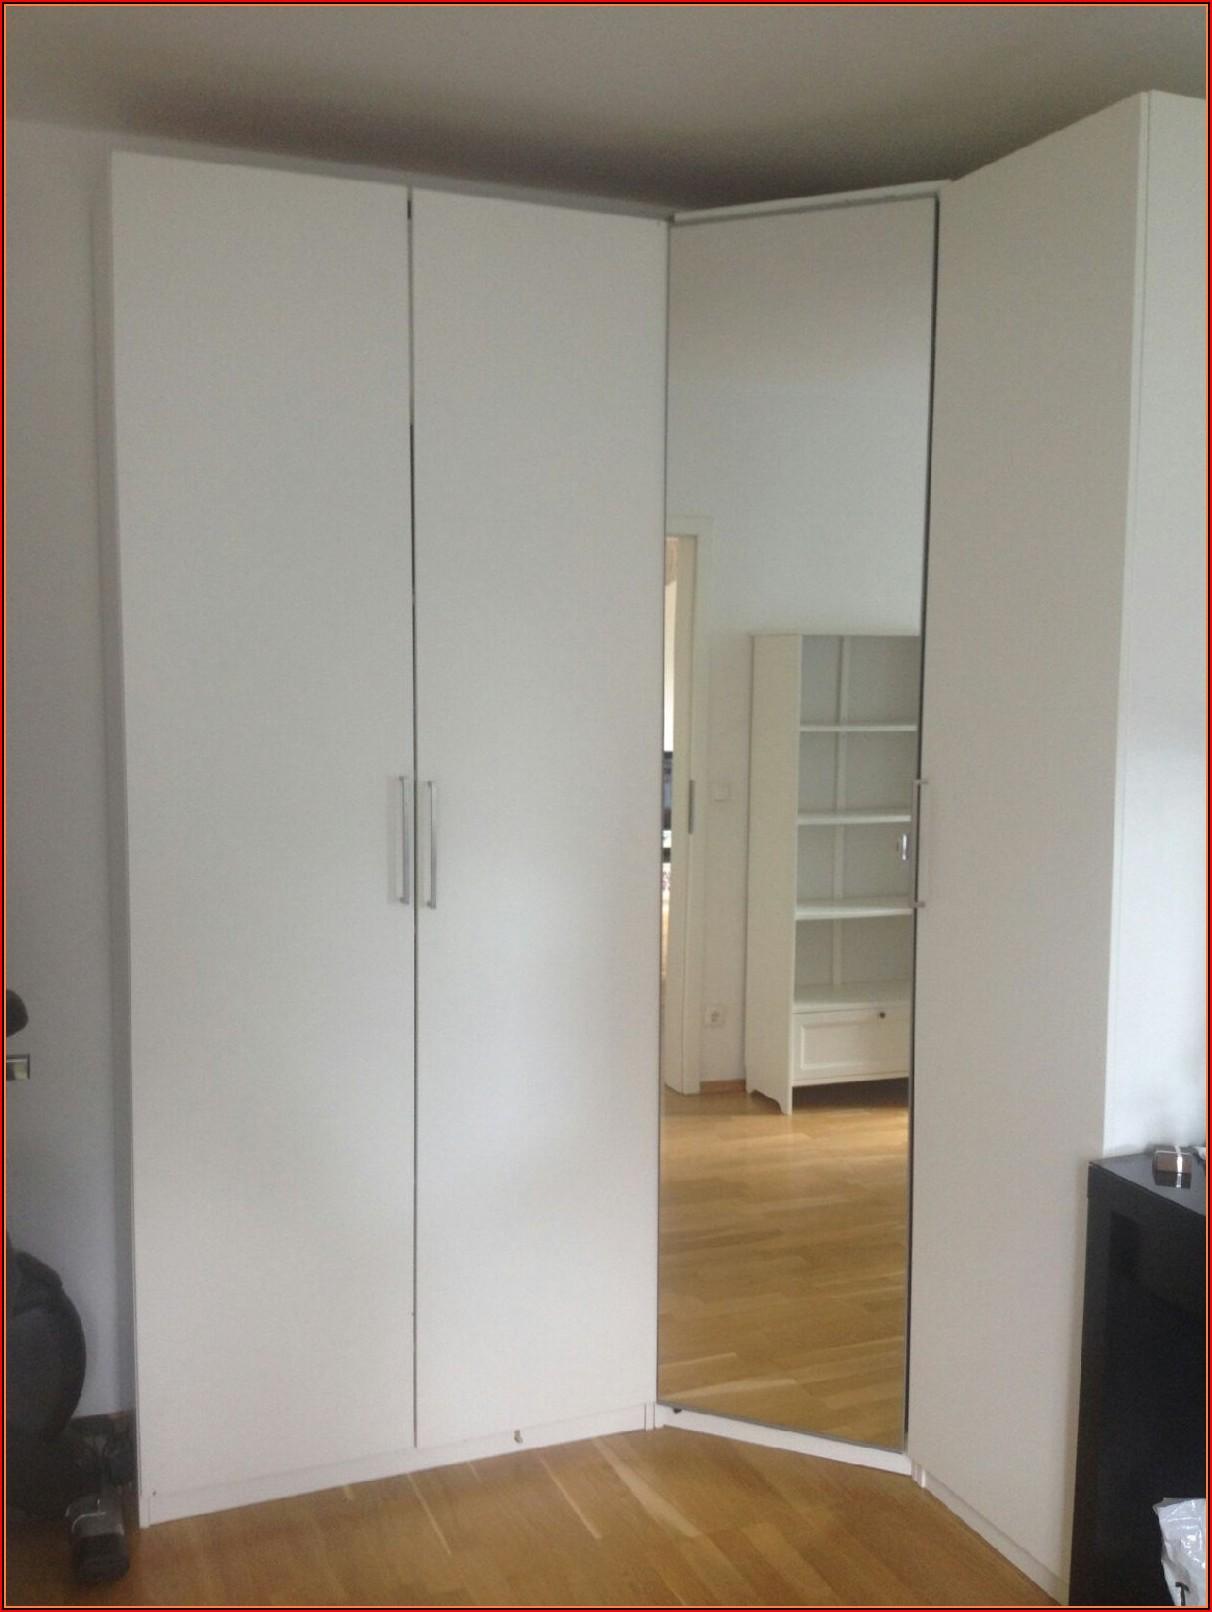 Ikea Schlafzimmer Schrank über Eck